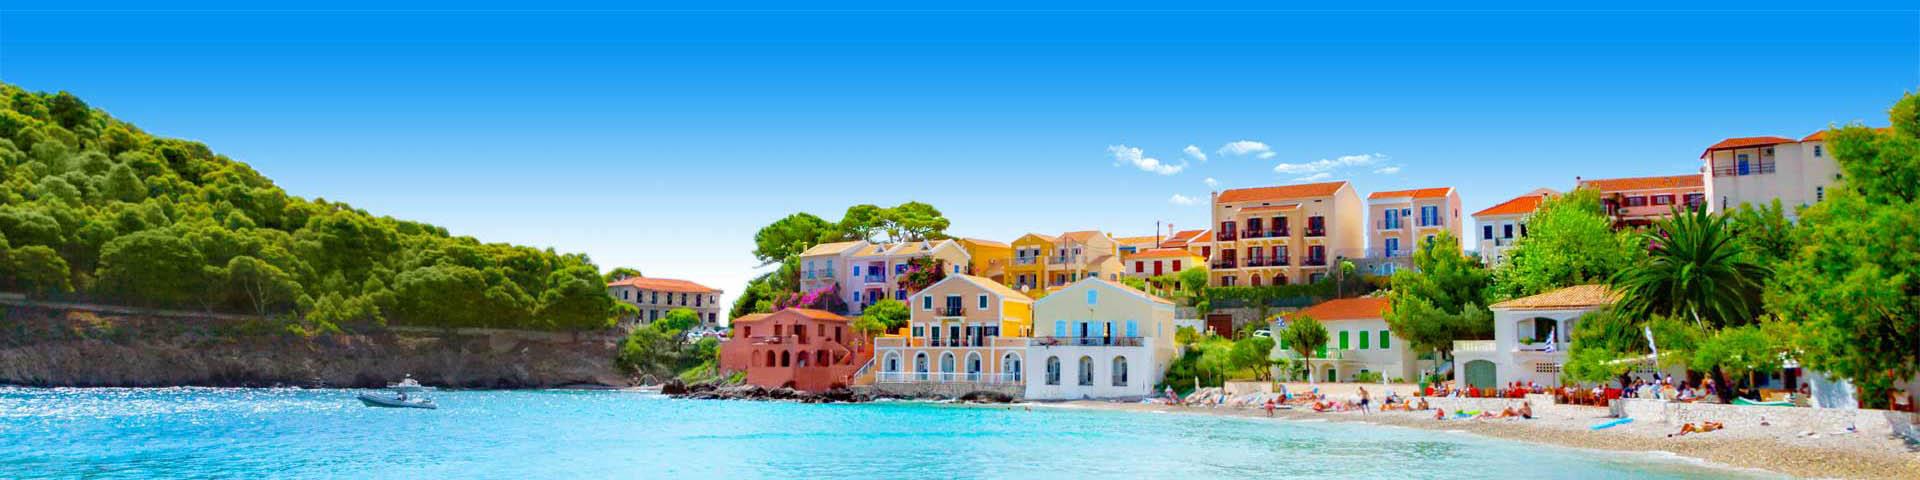 Traditionele, gekleurde huisjes aan de kust van Corfu in Griekenland